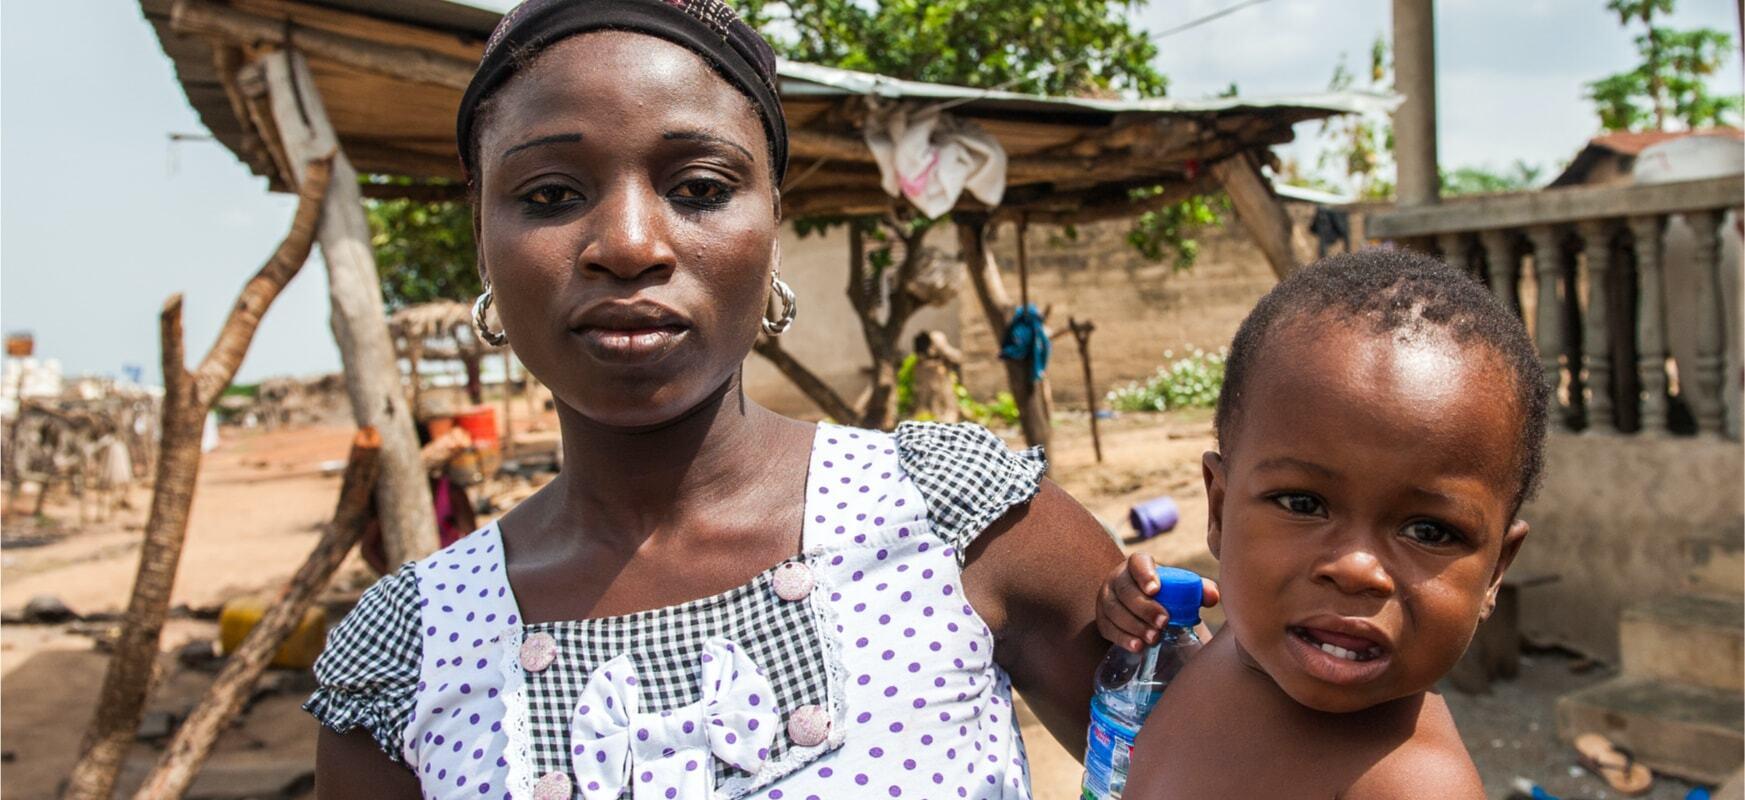 NBE: dirua eman, edo 300.000 pertsona gosez hiltzen dira pandemia baten ondorioz